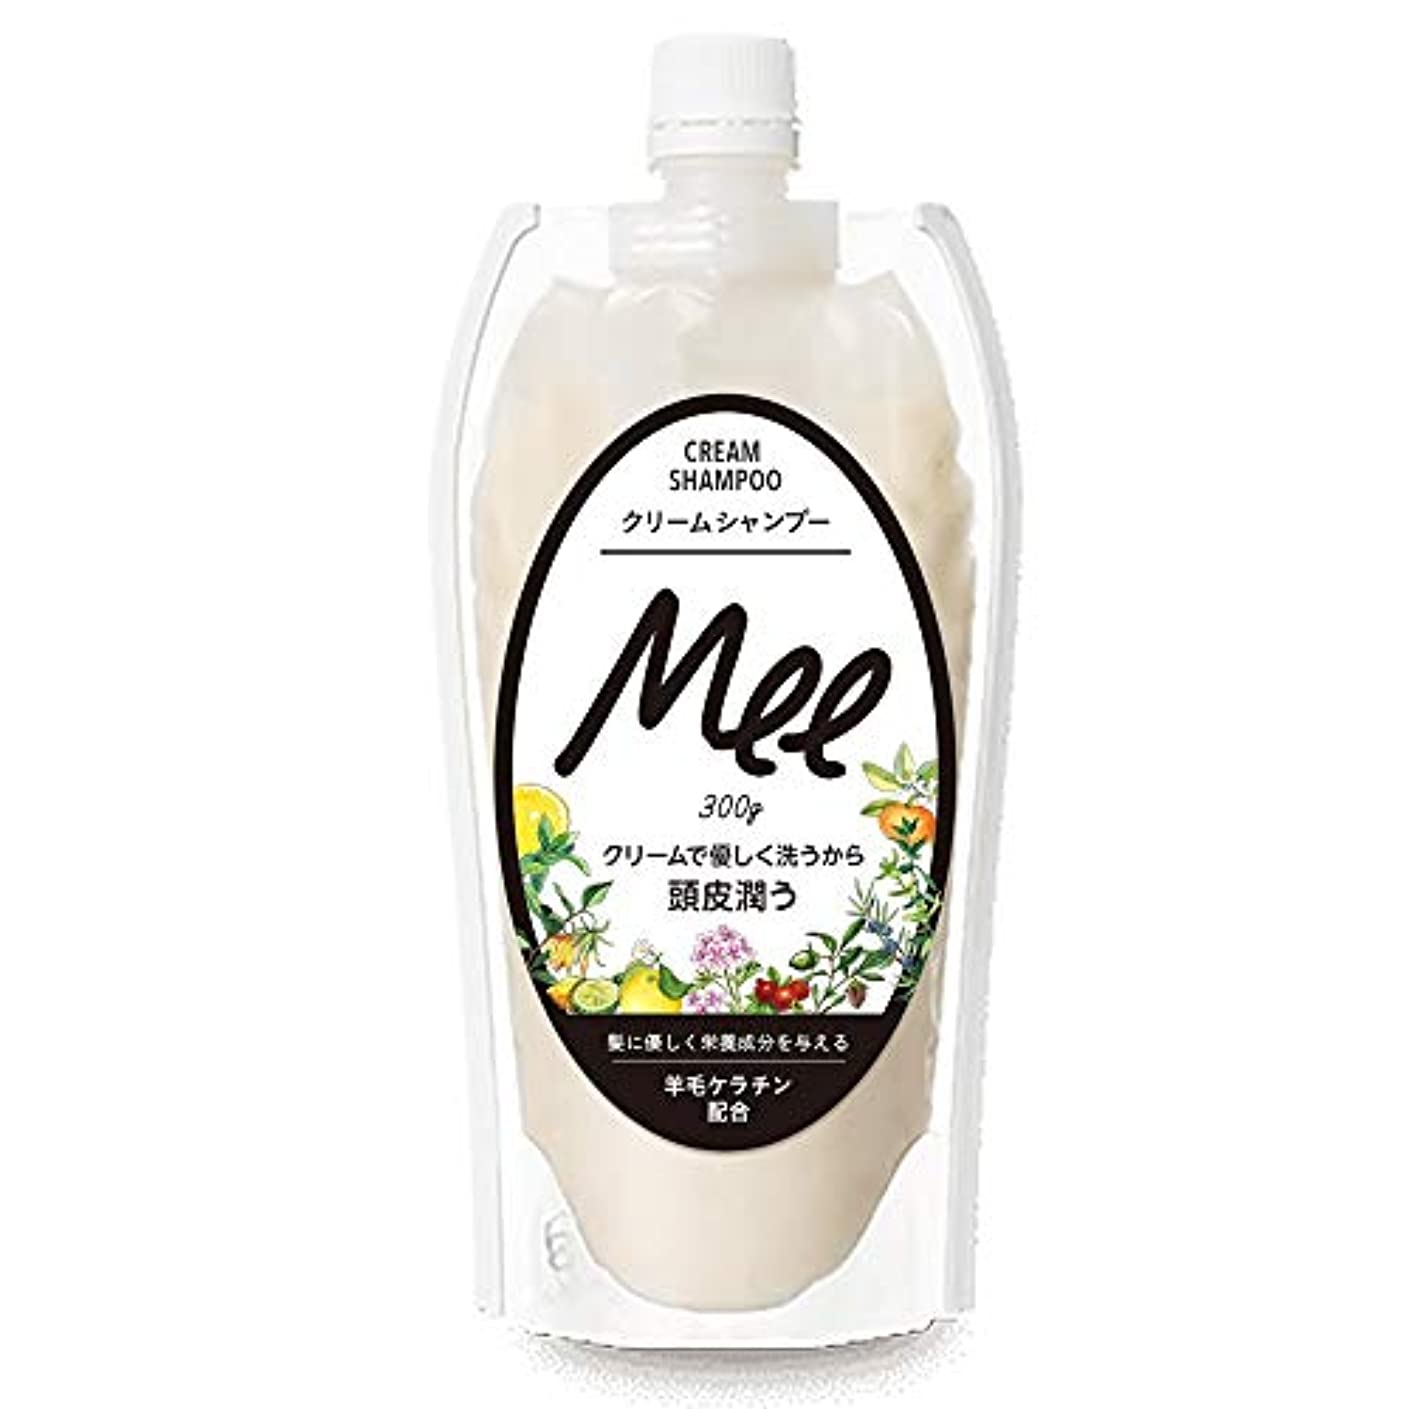 よろめく例外ロッジ洗えるヘアトリートメント Mee 300g クリームシャンプー 皮脂 乾燥肌 ダメージケア 大容量 時短